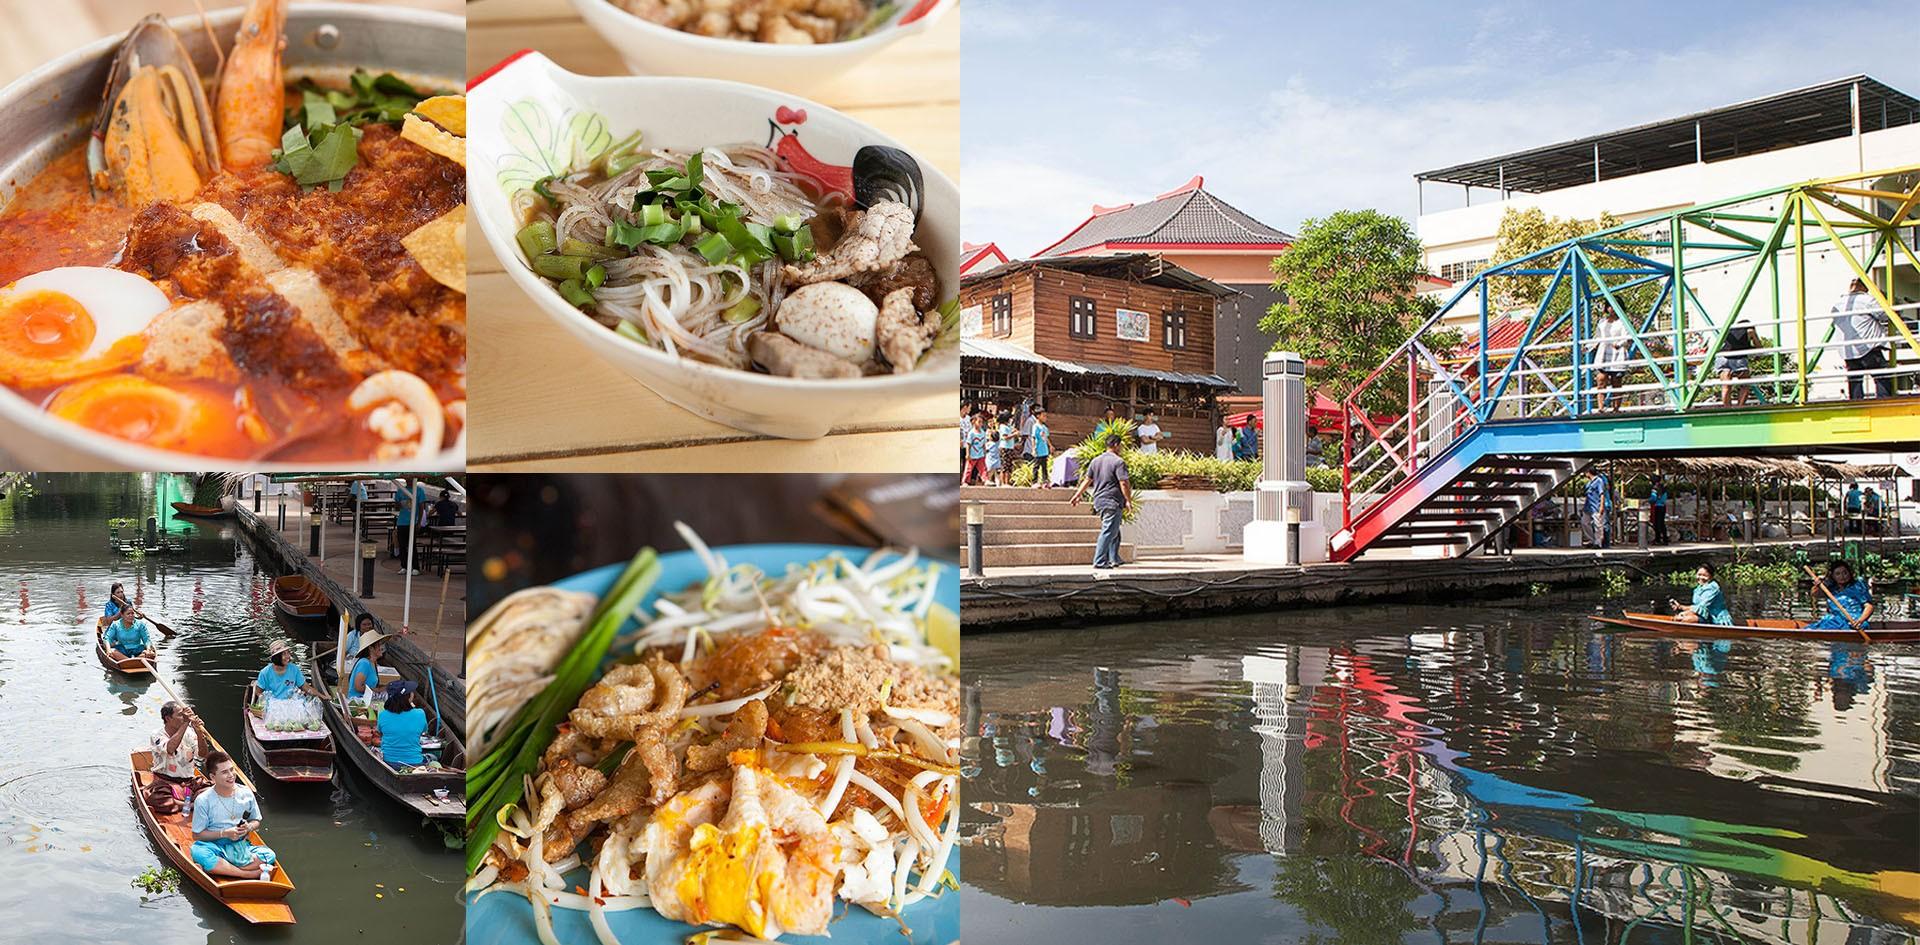 ตลาดแห่งใหม่ใกล้กรุง ช็อป ชม ชิลล์และชิมอิ่มพุงกางที่ 'ตลาดน้ำสำเพ็ง2'